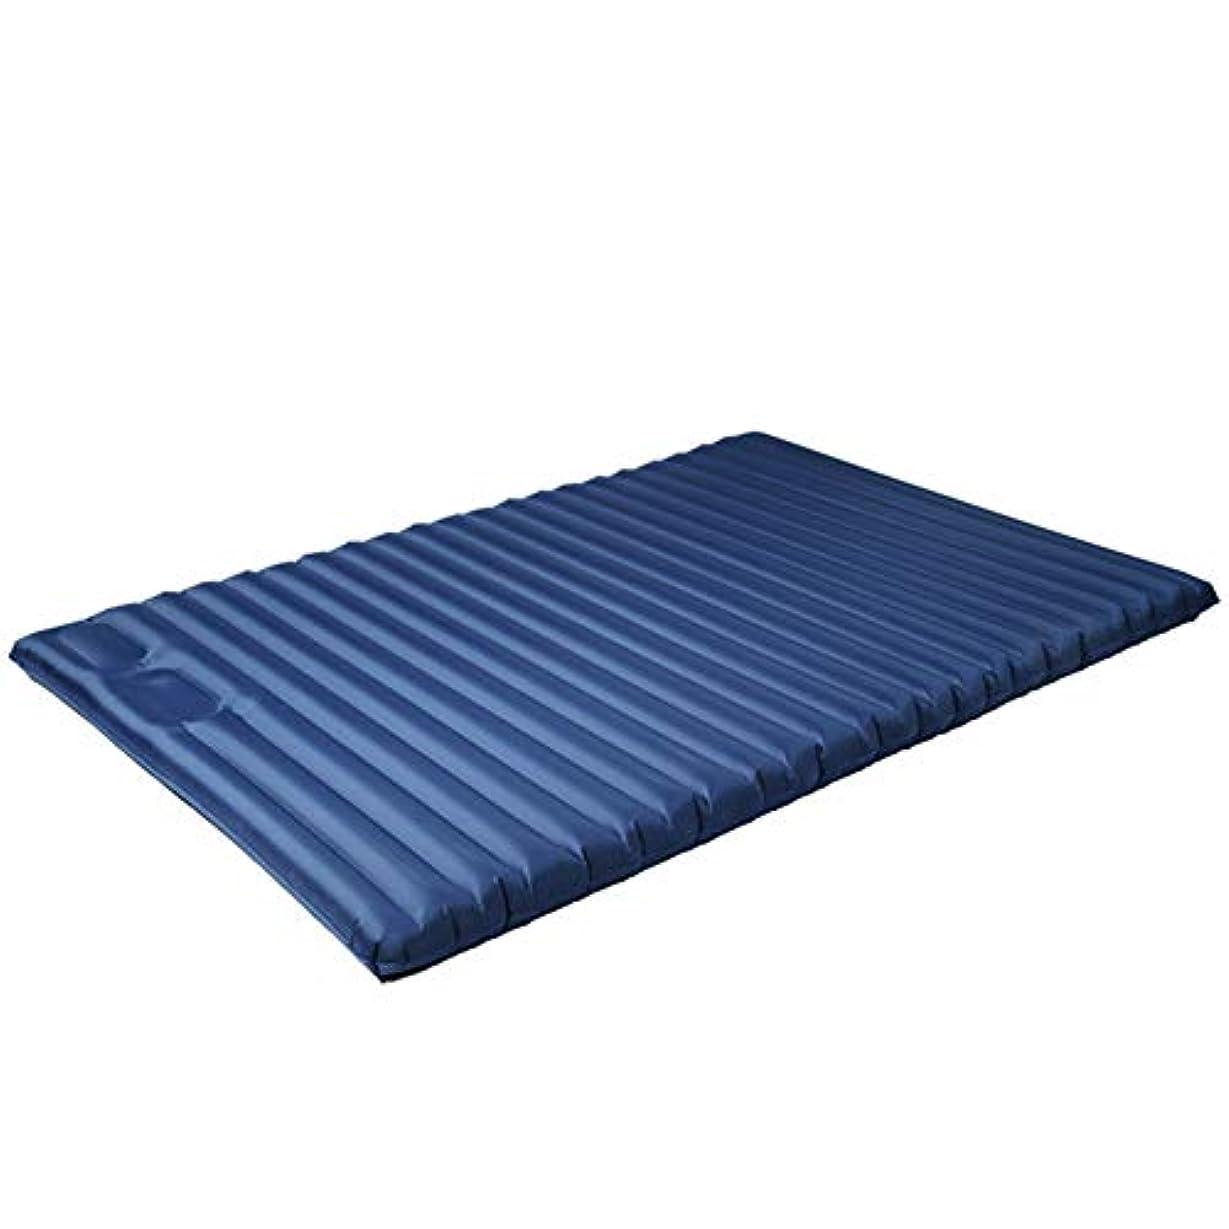 企業つかの間贅沢なインフレータブルスリーピングパッド、スリーピングキャンプマット-キャンプマット、テントハンモック屋外パッドとして最適な快適なバックパッキングマットレス